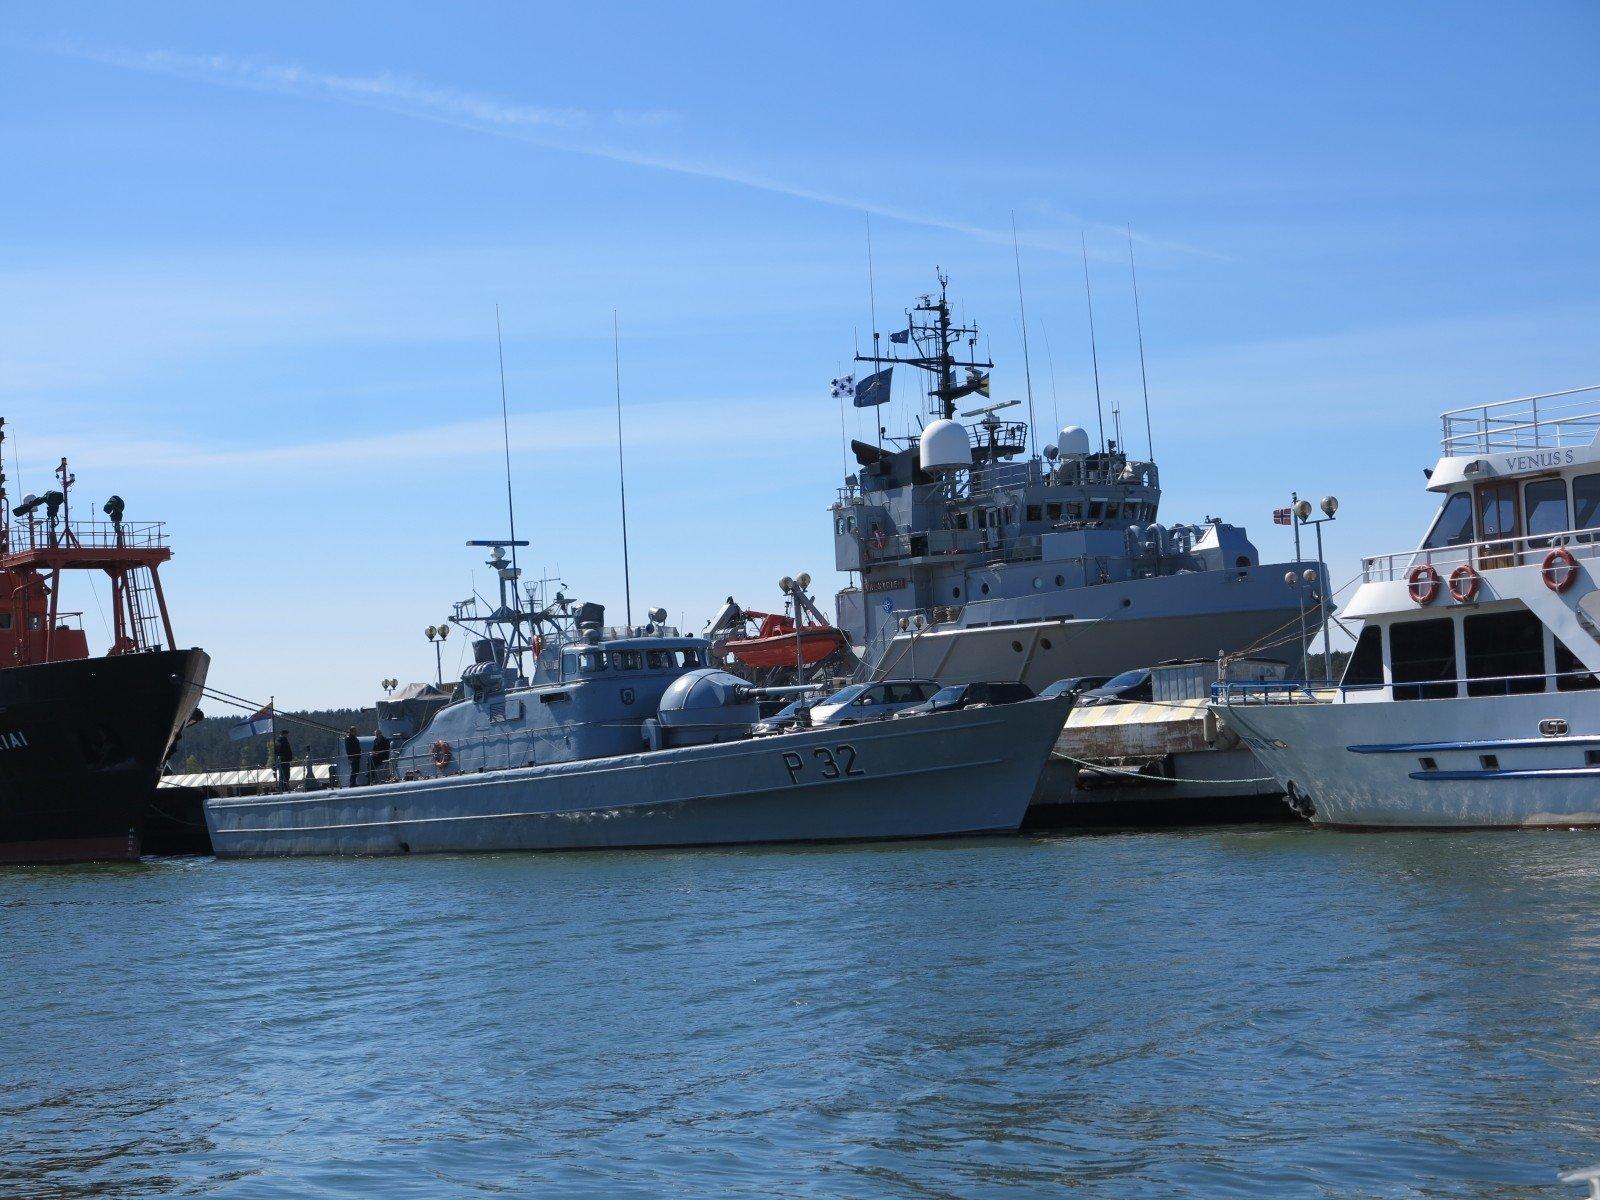 ВКлайпеду войдет минно-тральная эскадра НАТО